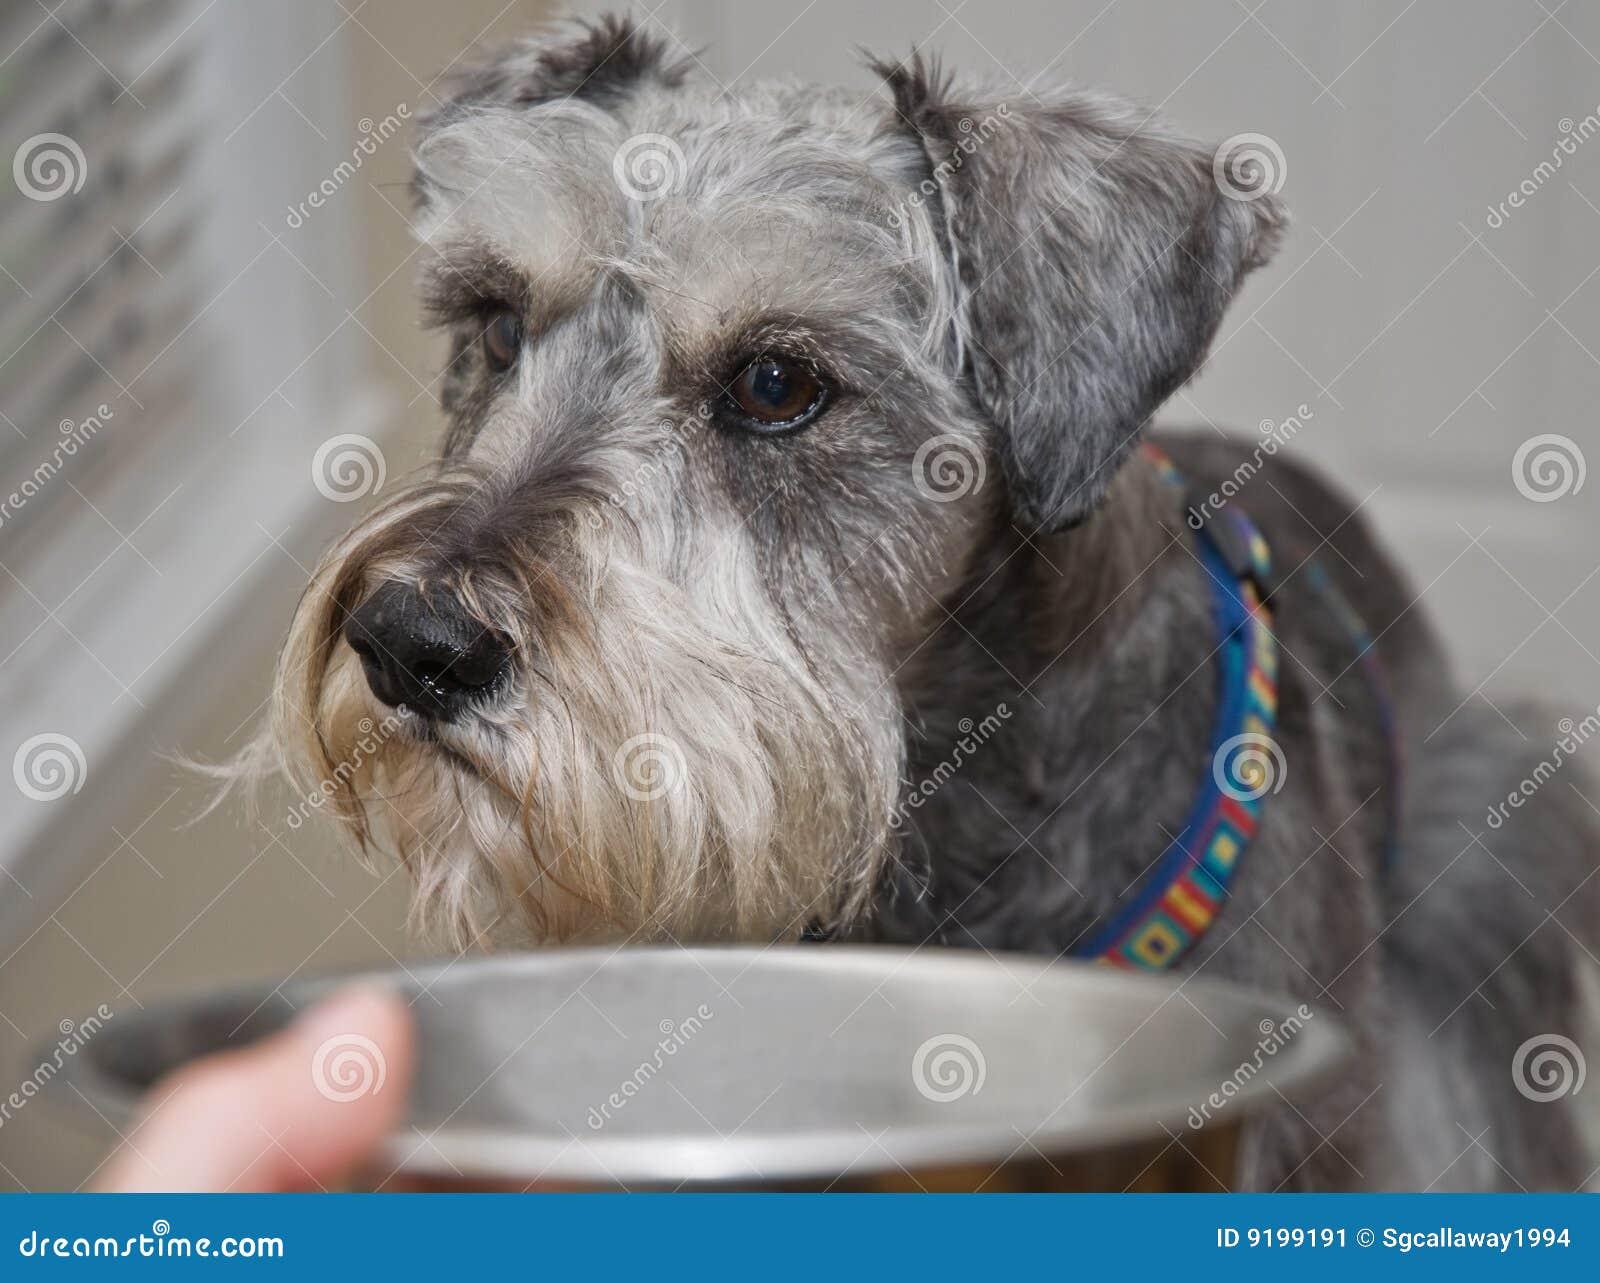 Собака отказывается от сухого корма, плохо ест сухой корм?